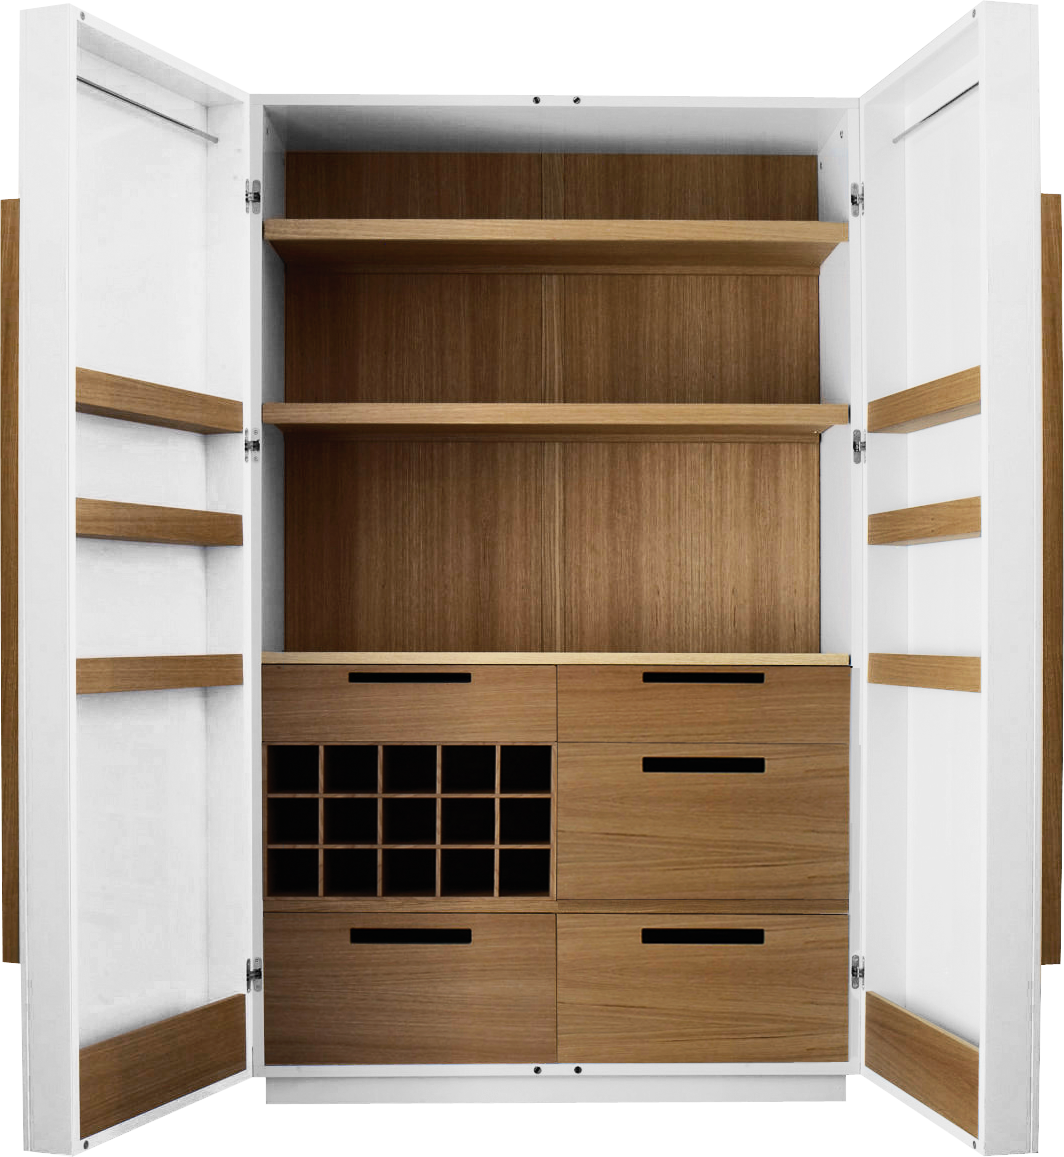 CORNELL armoire de cuisine laquée - Habitat  Armoire de cuisine